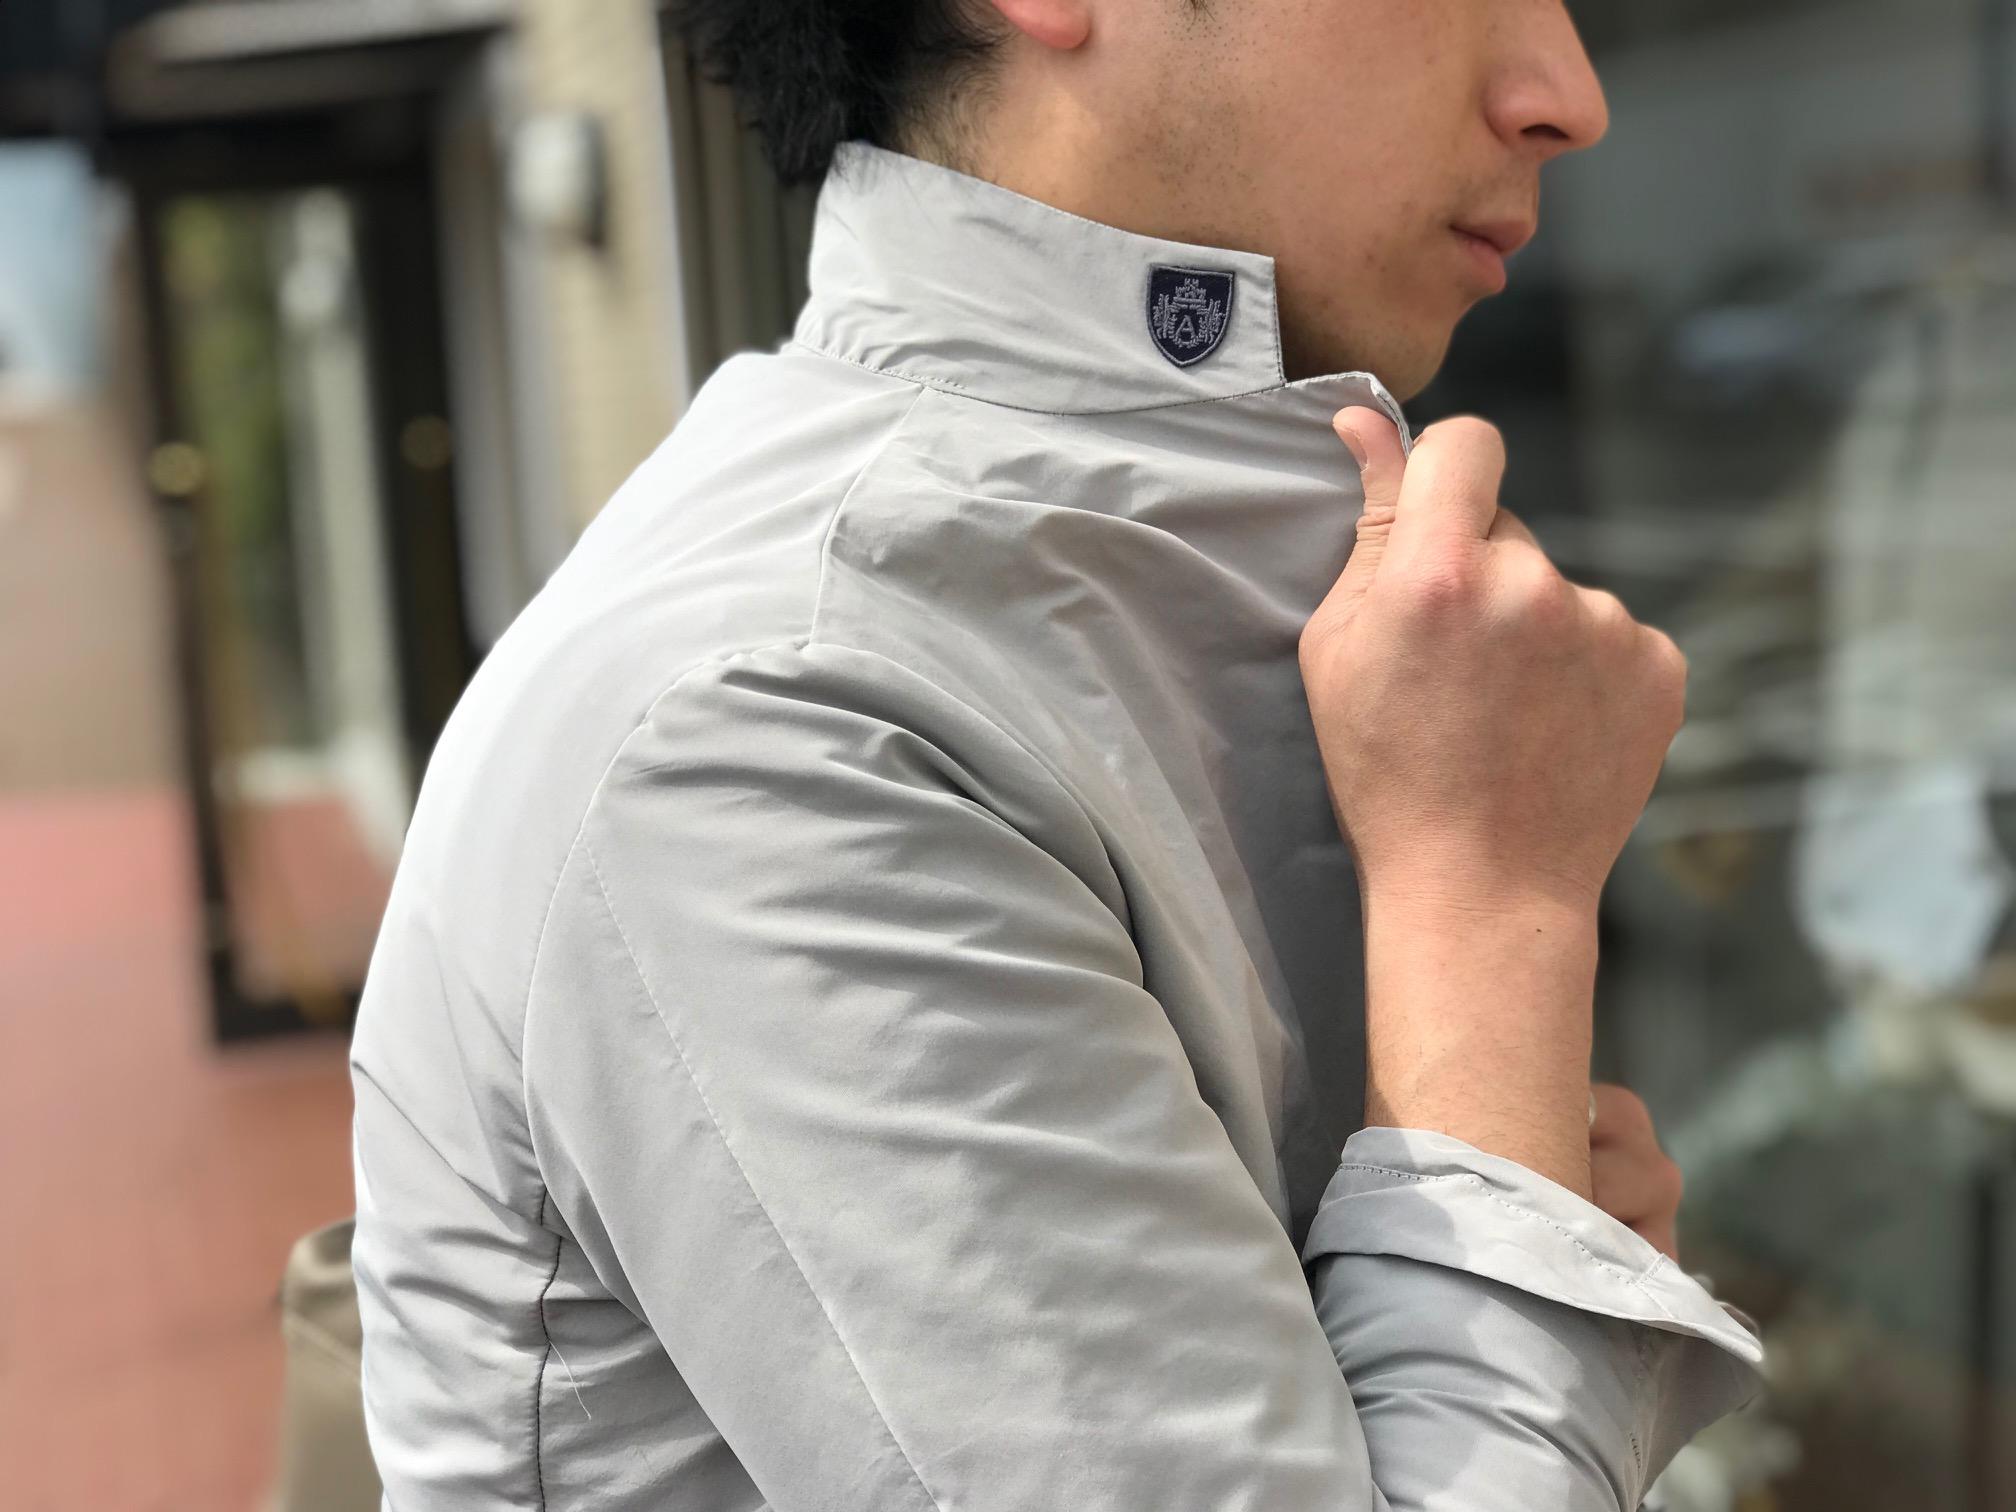 春の羽織りは軽めのナイロンブルゾン④! 【AQUARAMA】「82917」ナイロンジャケット型ブルゾン!!